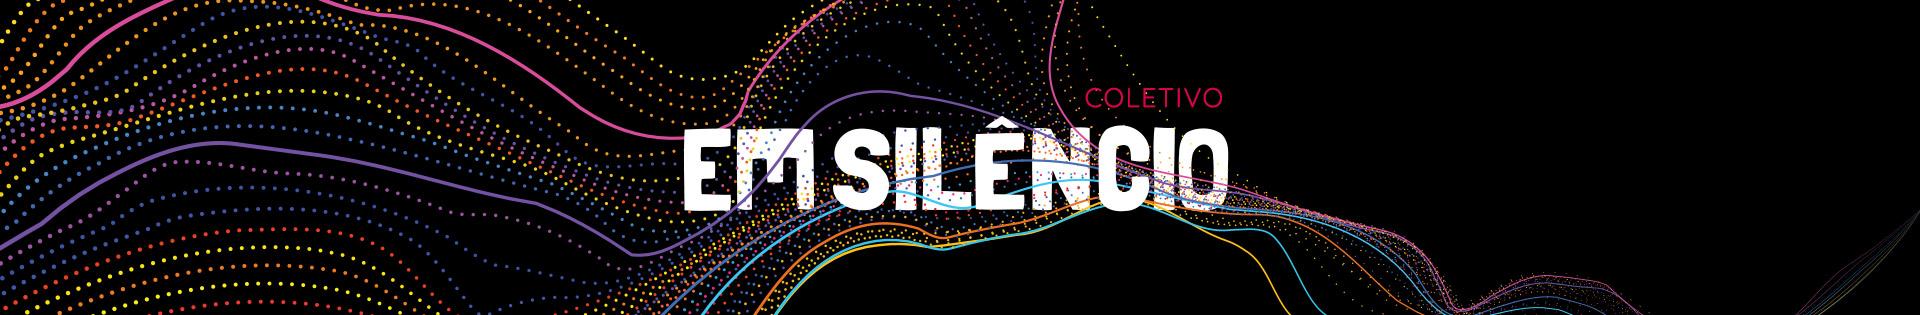 Coletivo Em Silencio - Home